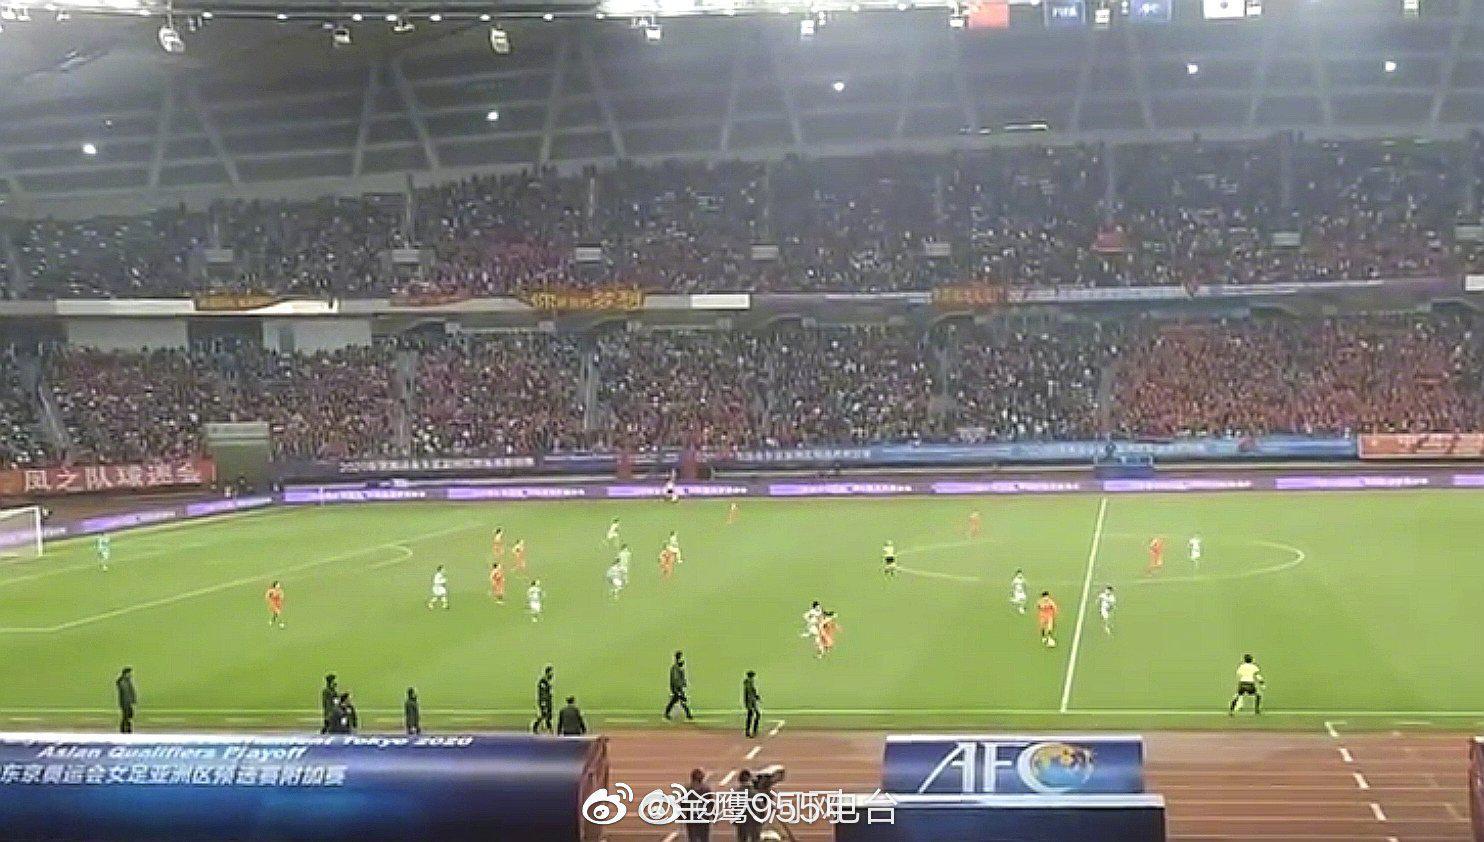 中国女足总比分4-3战胜韩国女足 晋级东京奥运会